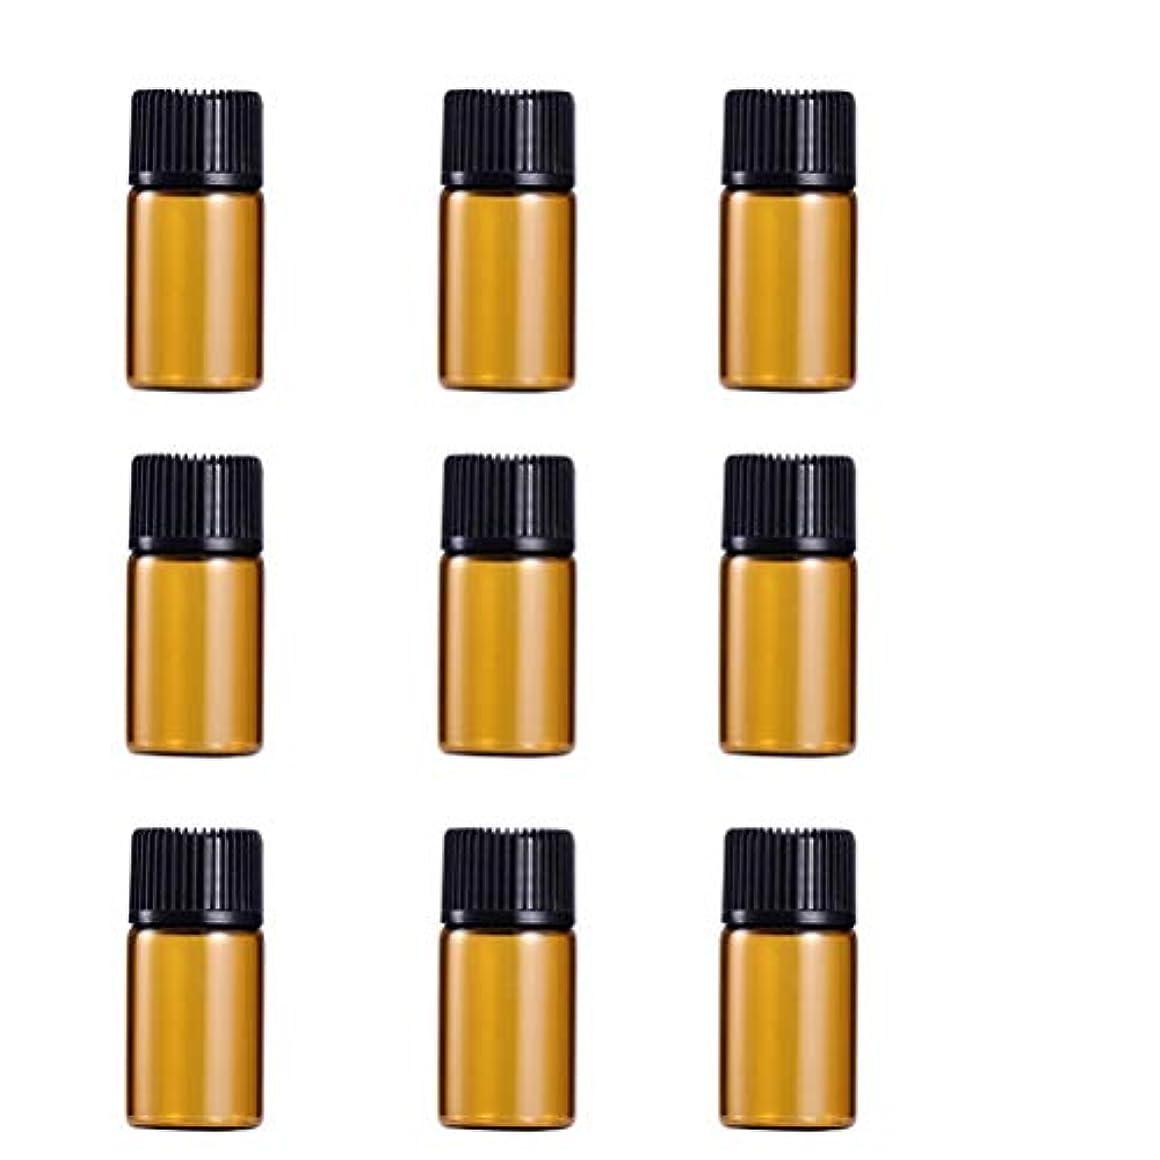 酔った運賃産地WINOMO 遮光瓶 アロマオイル 精油 小分け用 遮光瓶セット アロマボトル 保存容器 エッセンシャルオイル 香水 保存用 詰替え ガラス 茶色(9個入り 3ml)